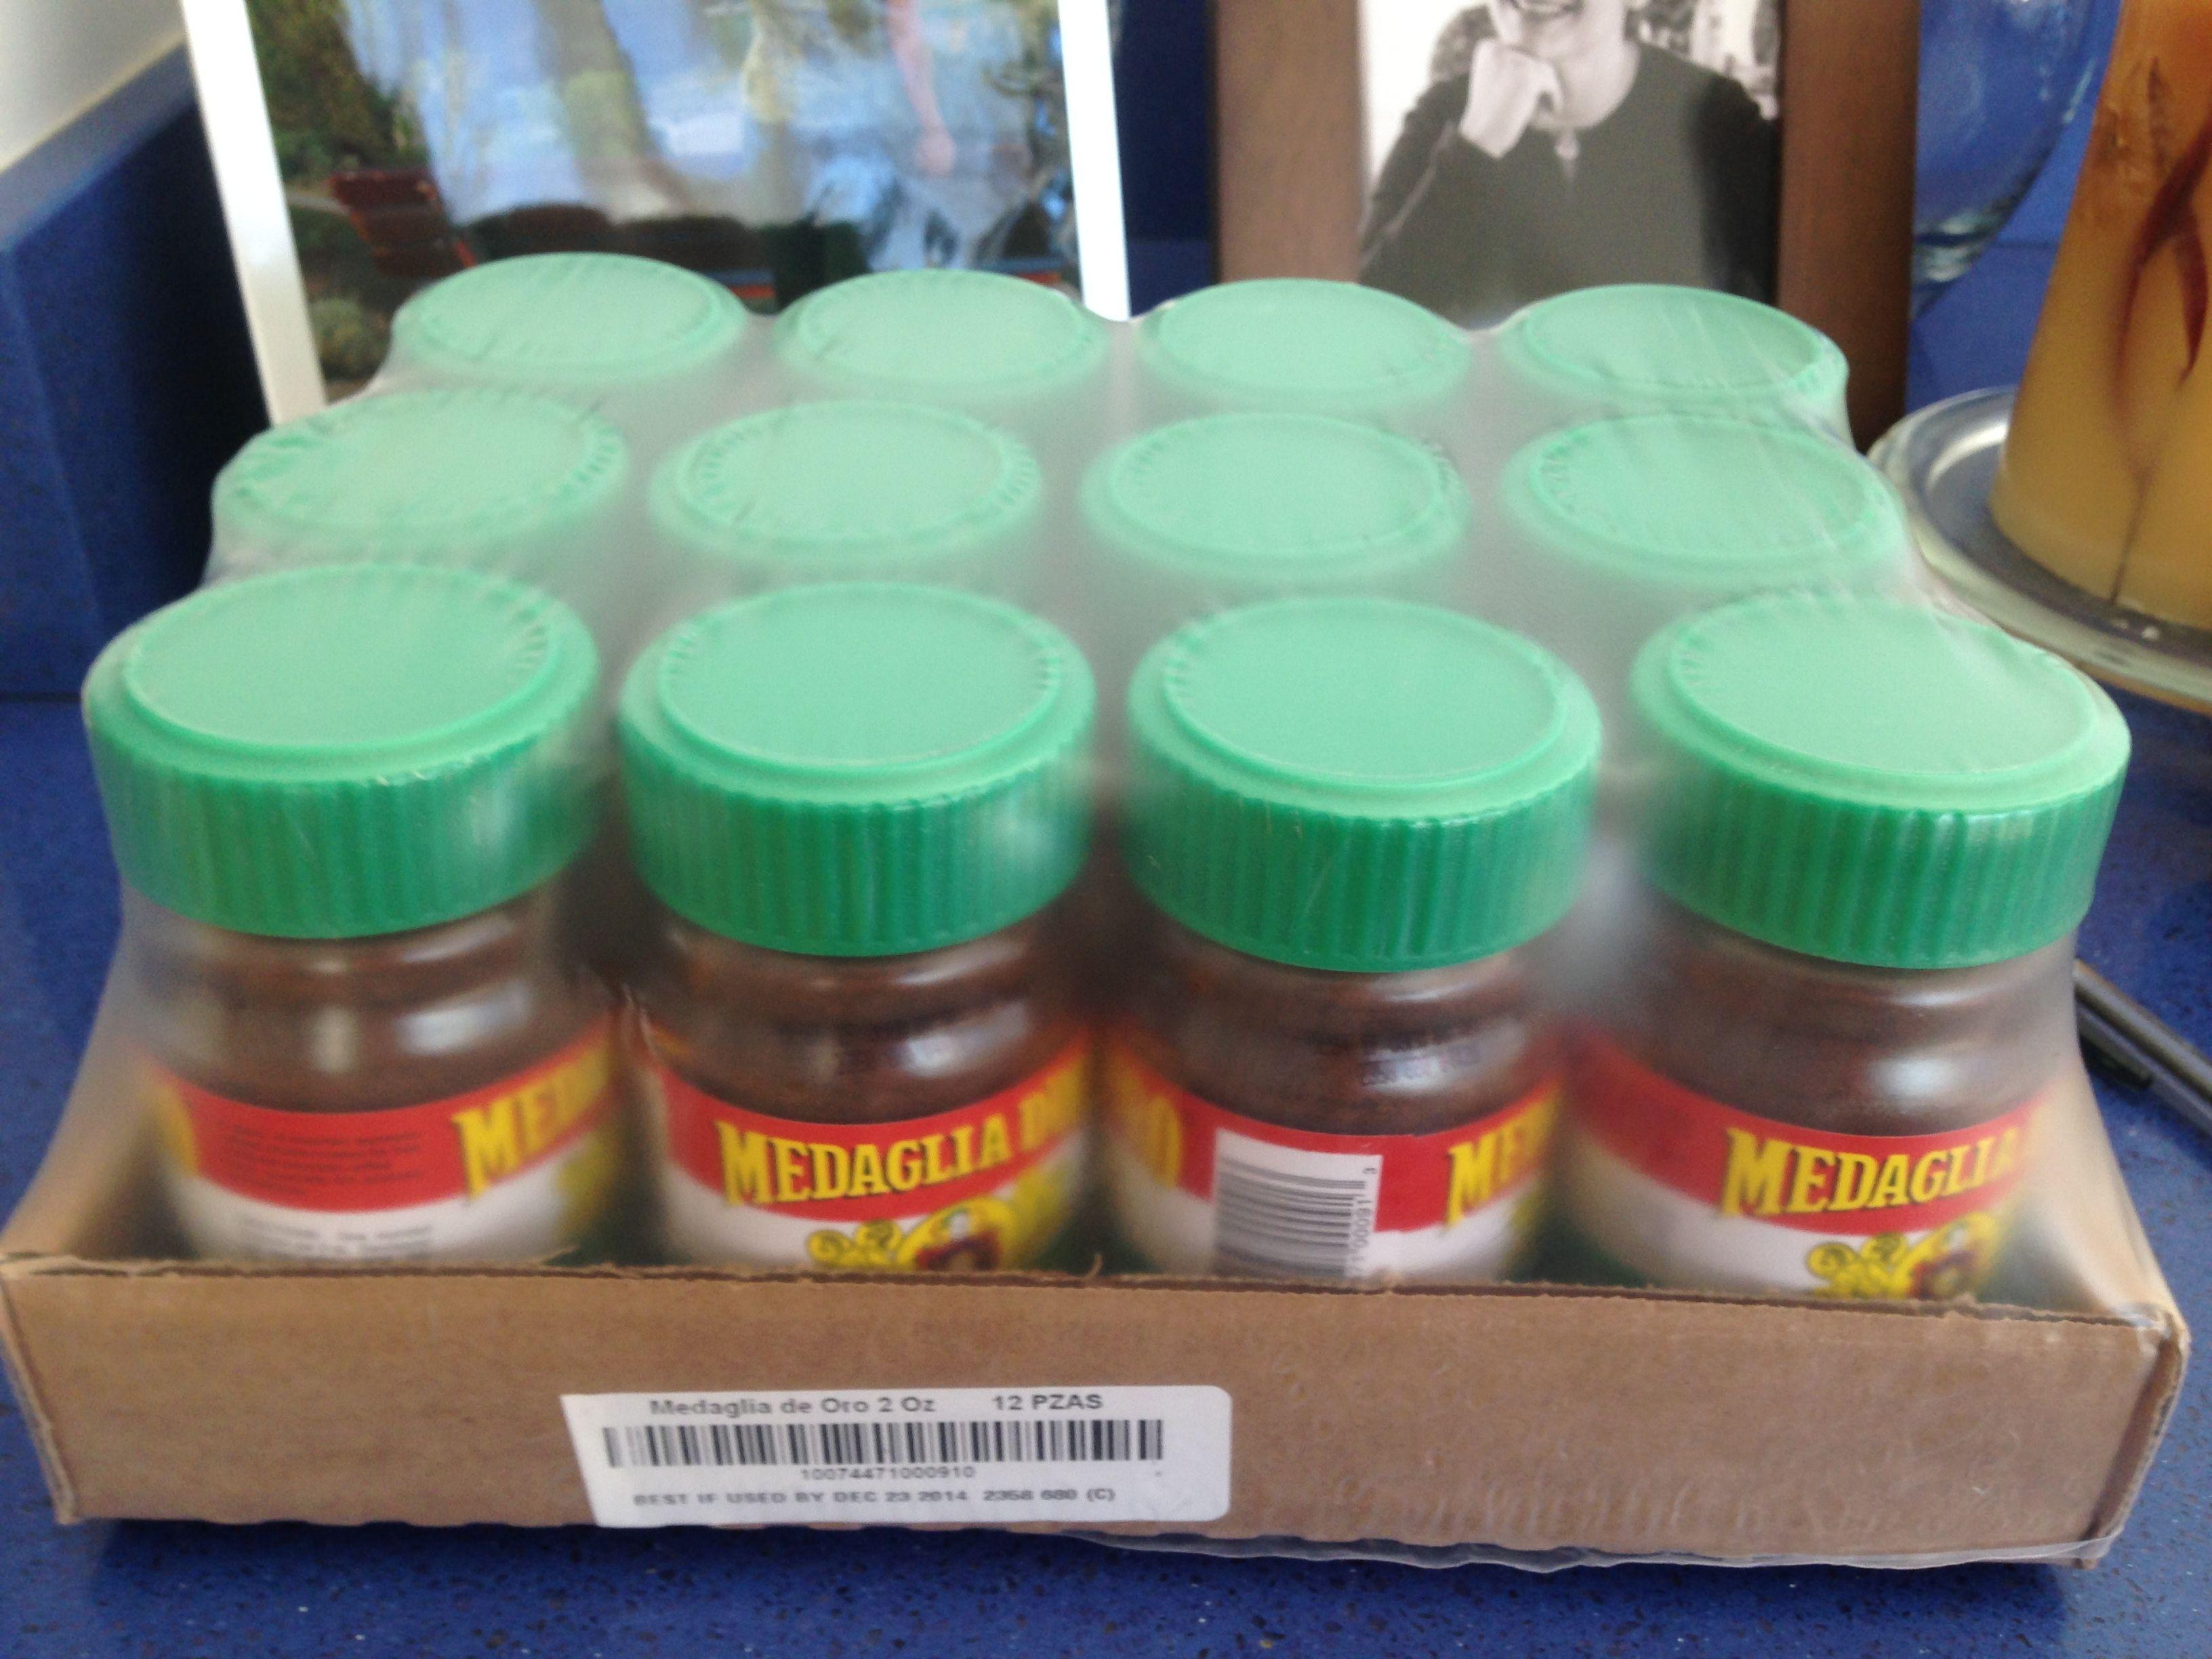 New shipment of medaglia doro instant espresso coffee